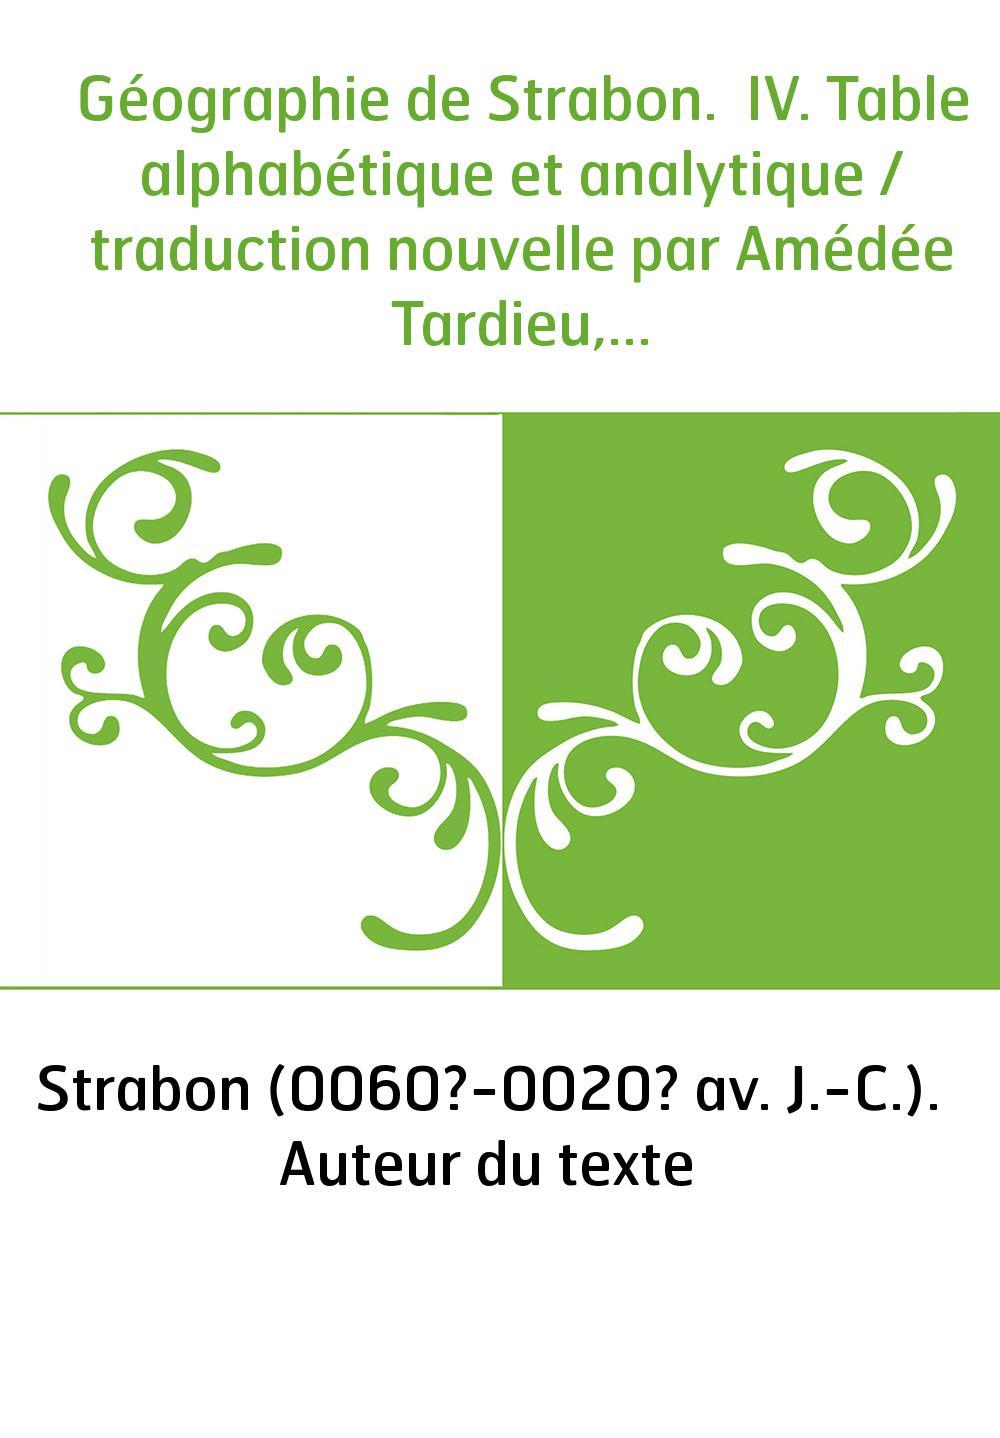 Géographie de Strabon. IV. Table alphabétique et analytique / traduction nouvelle par Amédée Tardieu,...